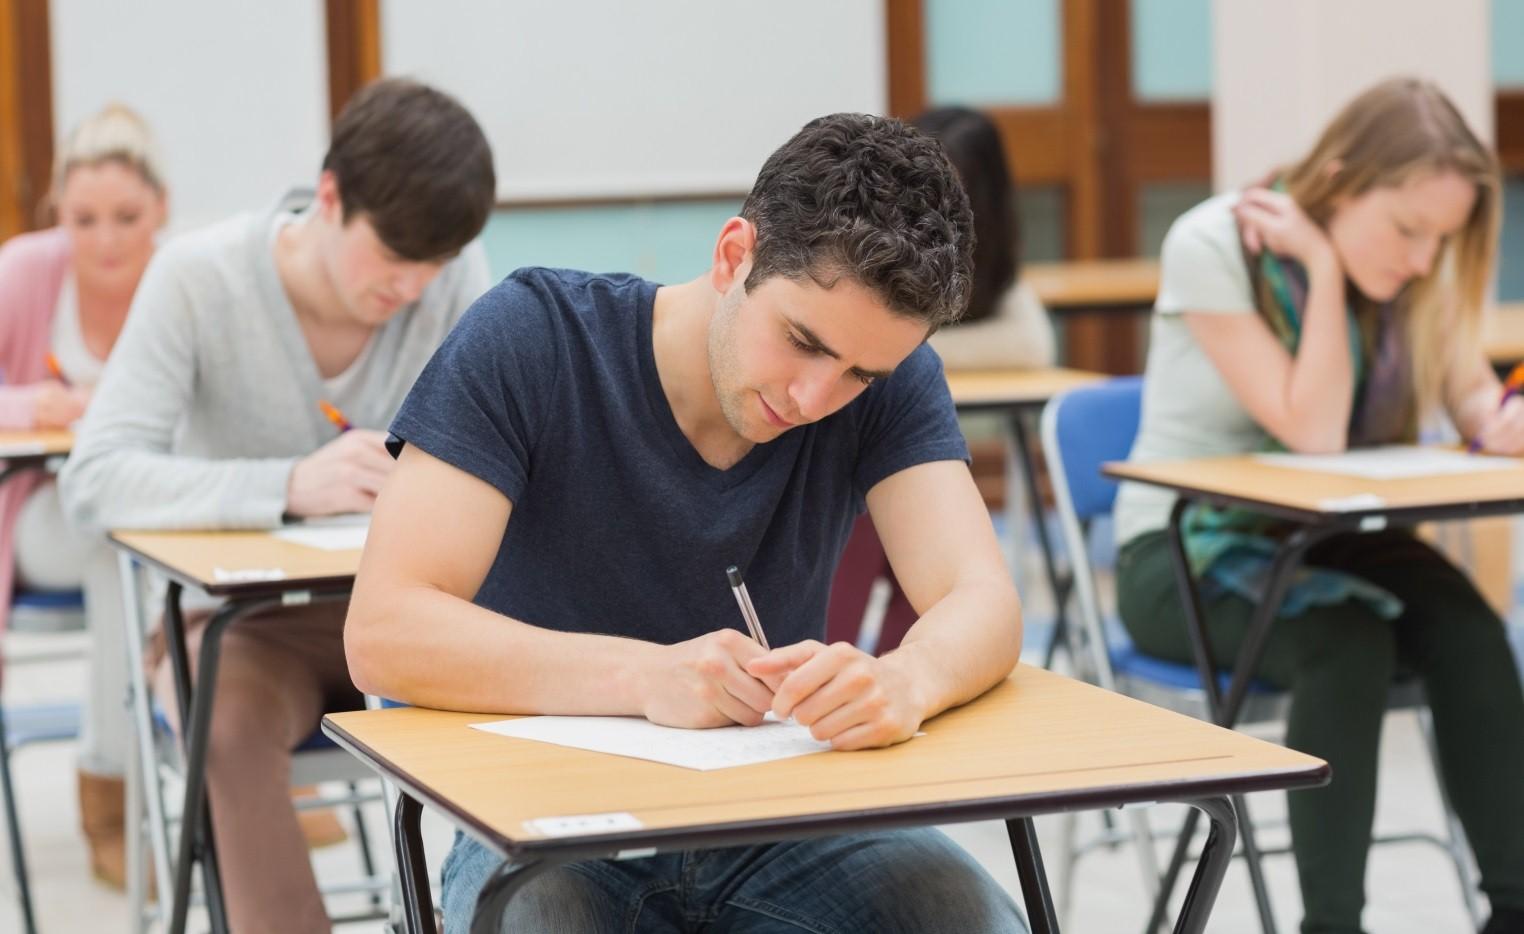 Студентки сдают экзамен 9 фотография